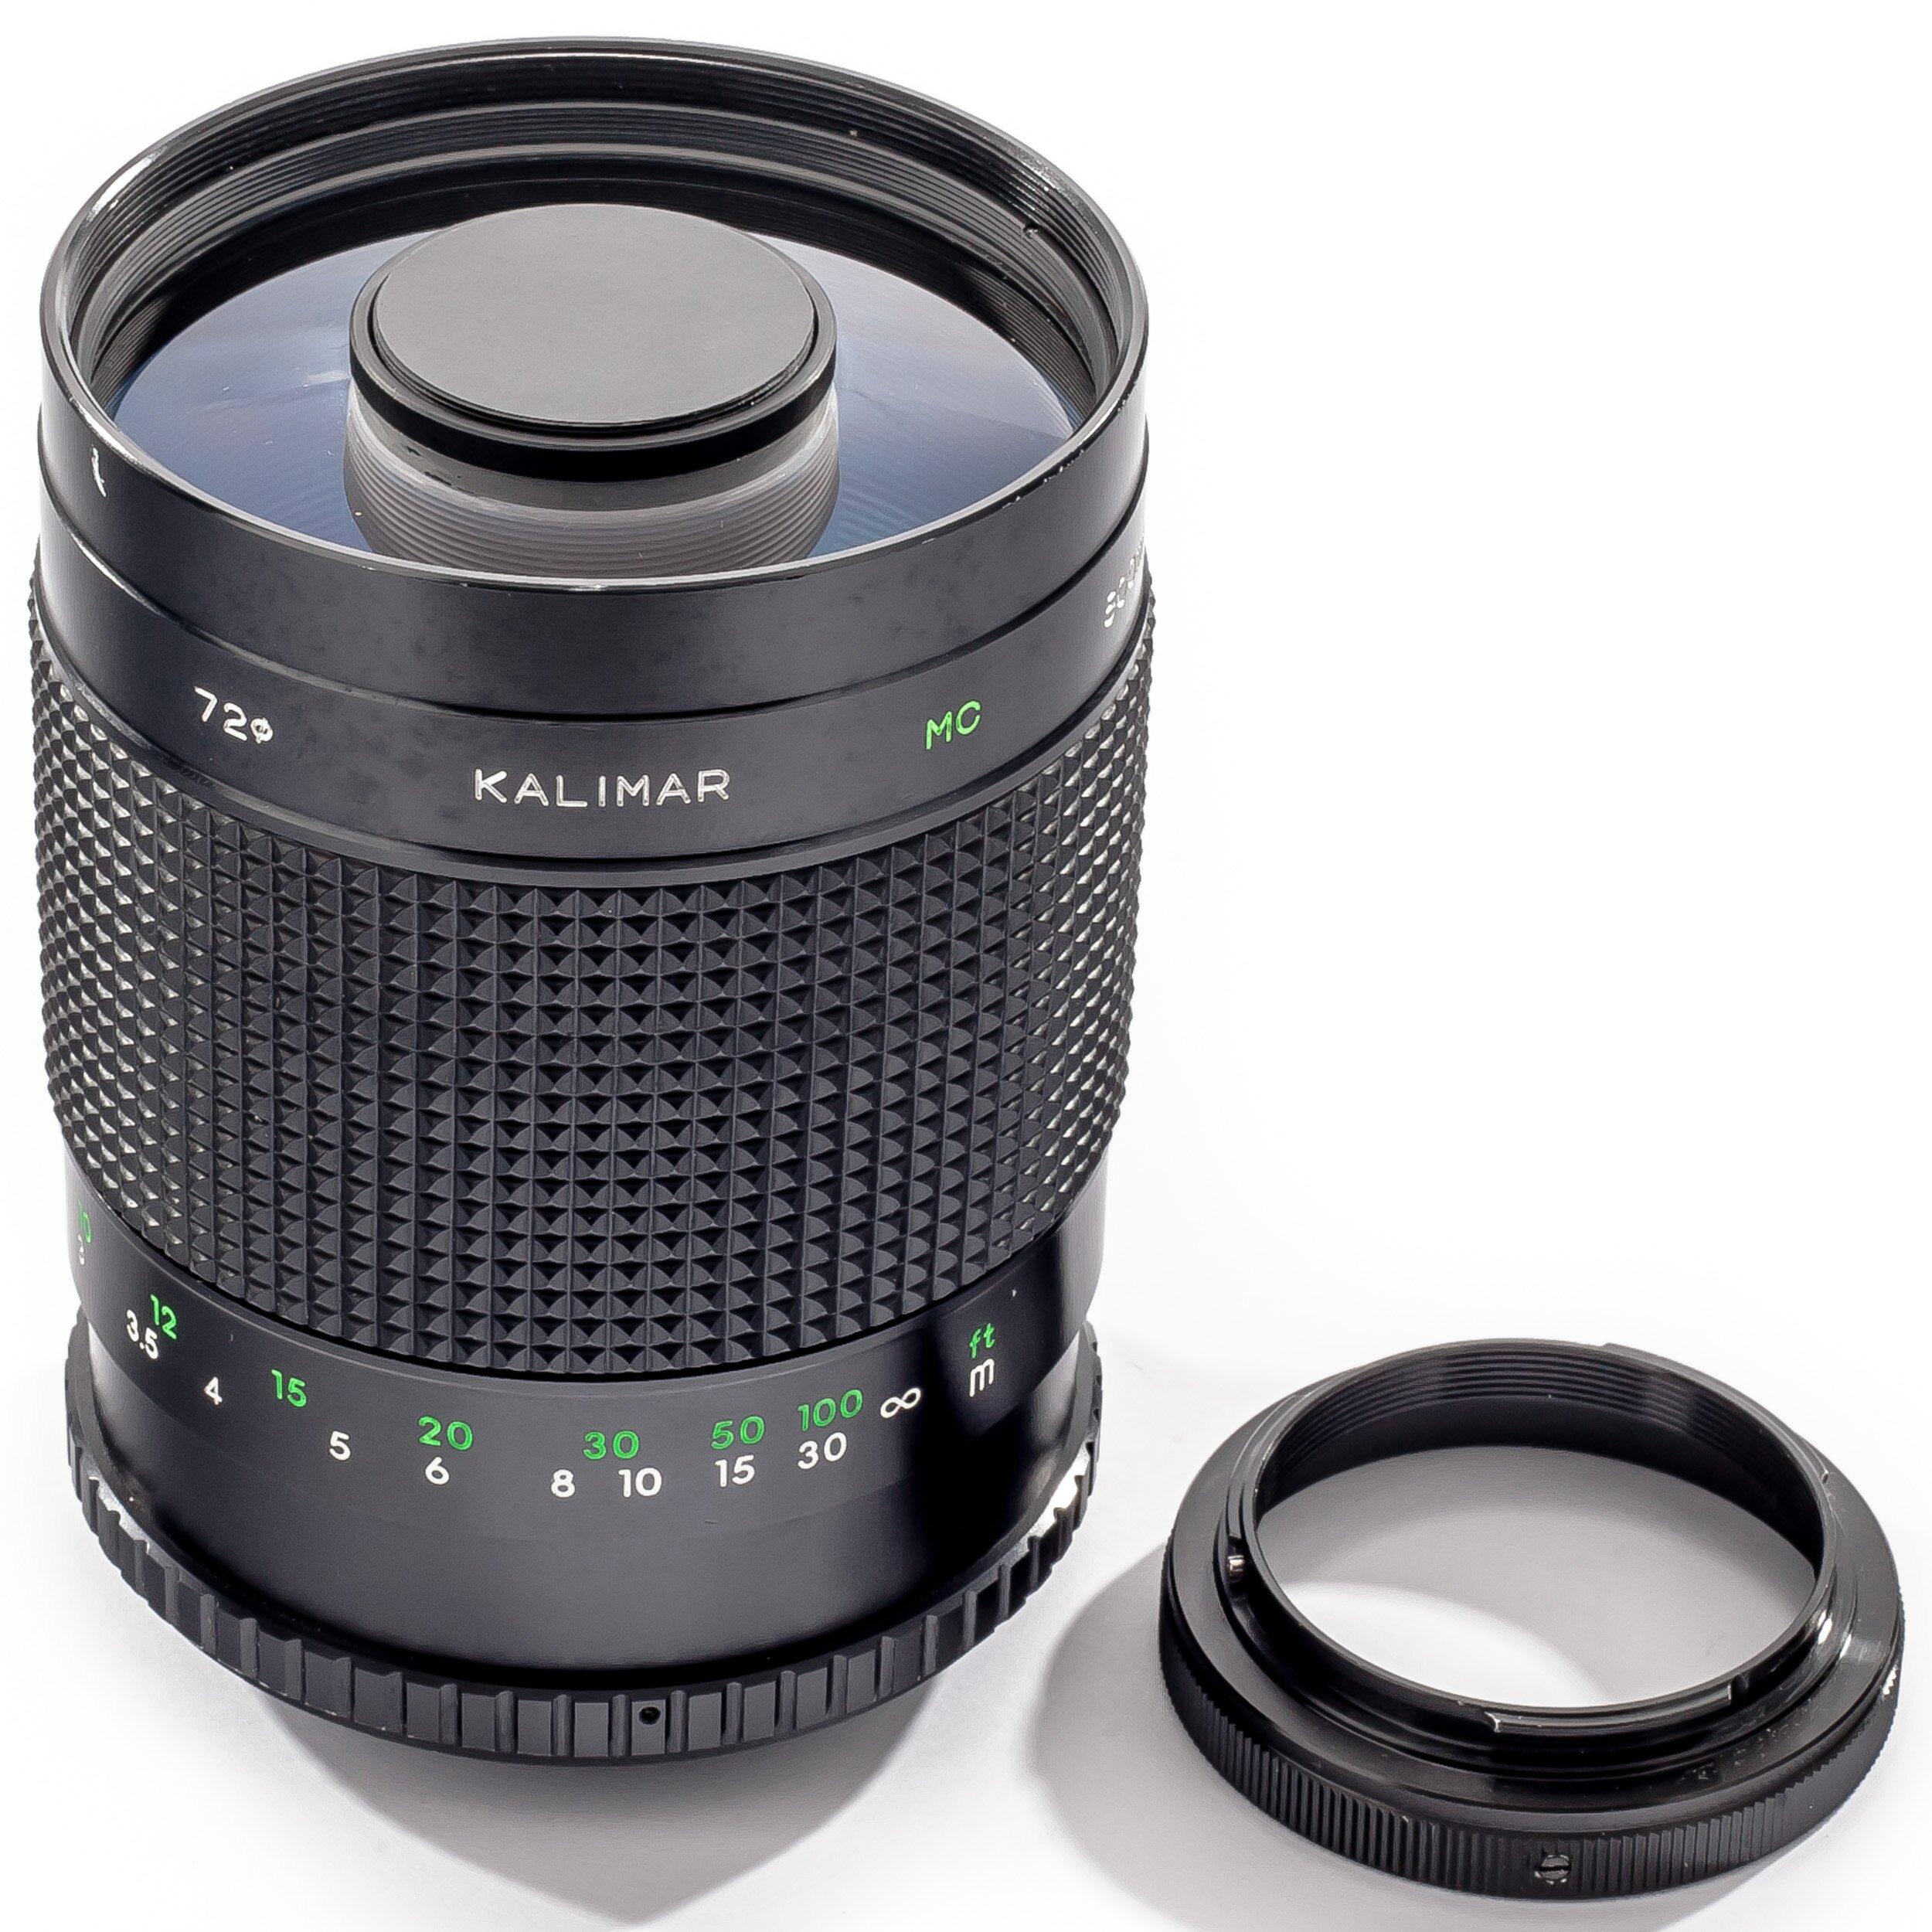 Kalimar T2 8/500mm Mirror MC